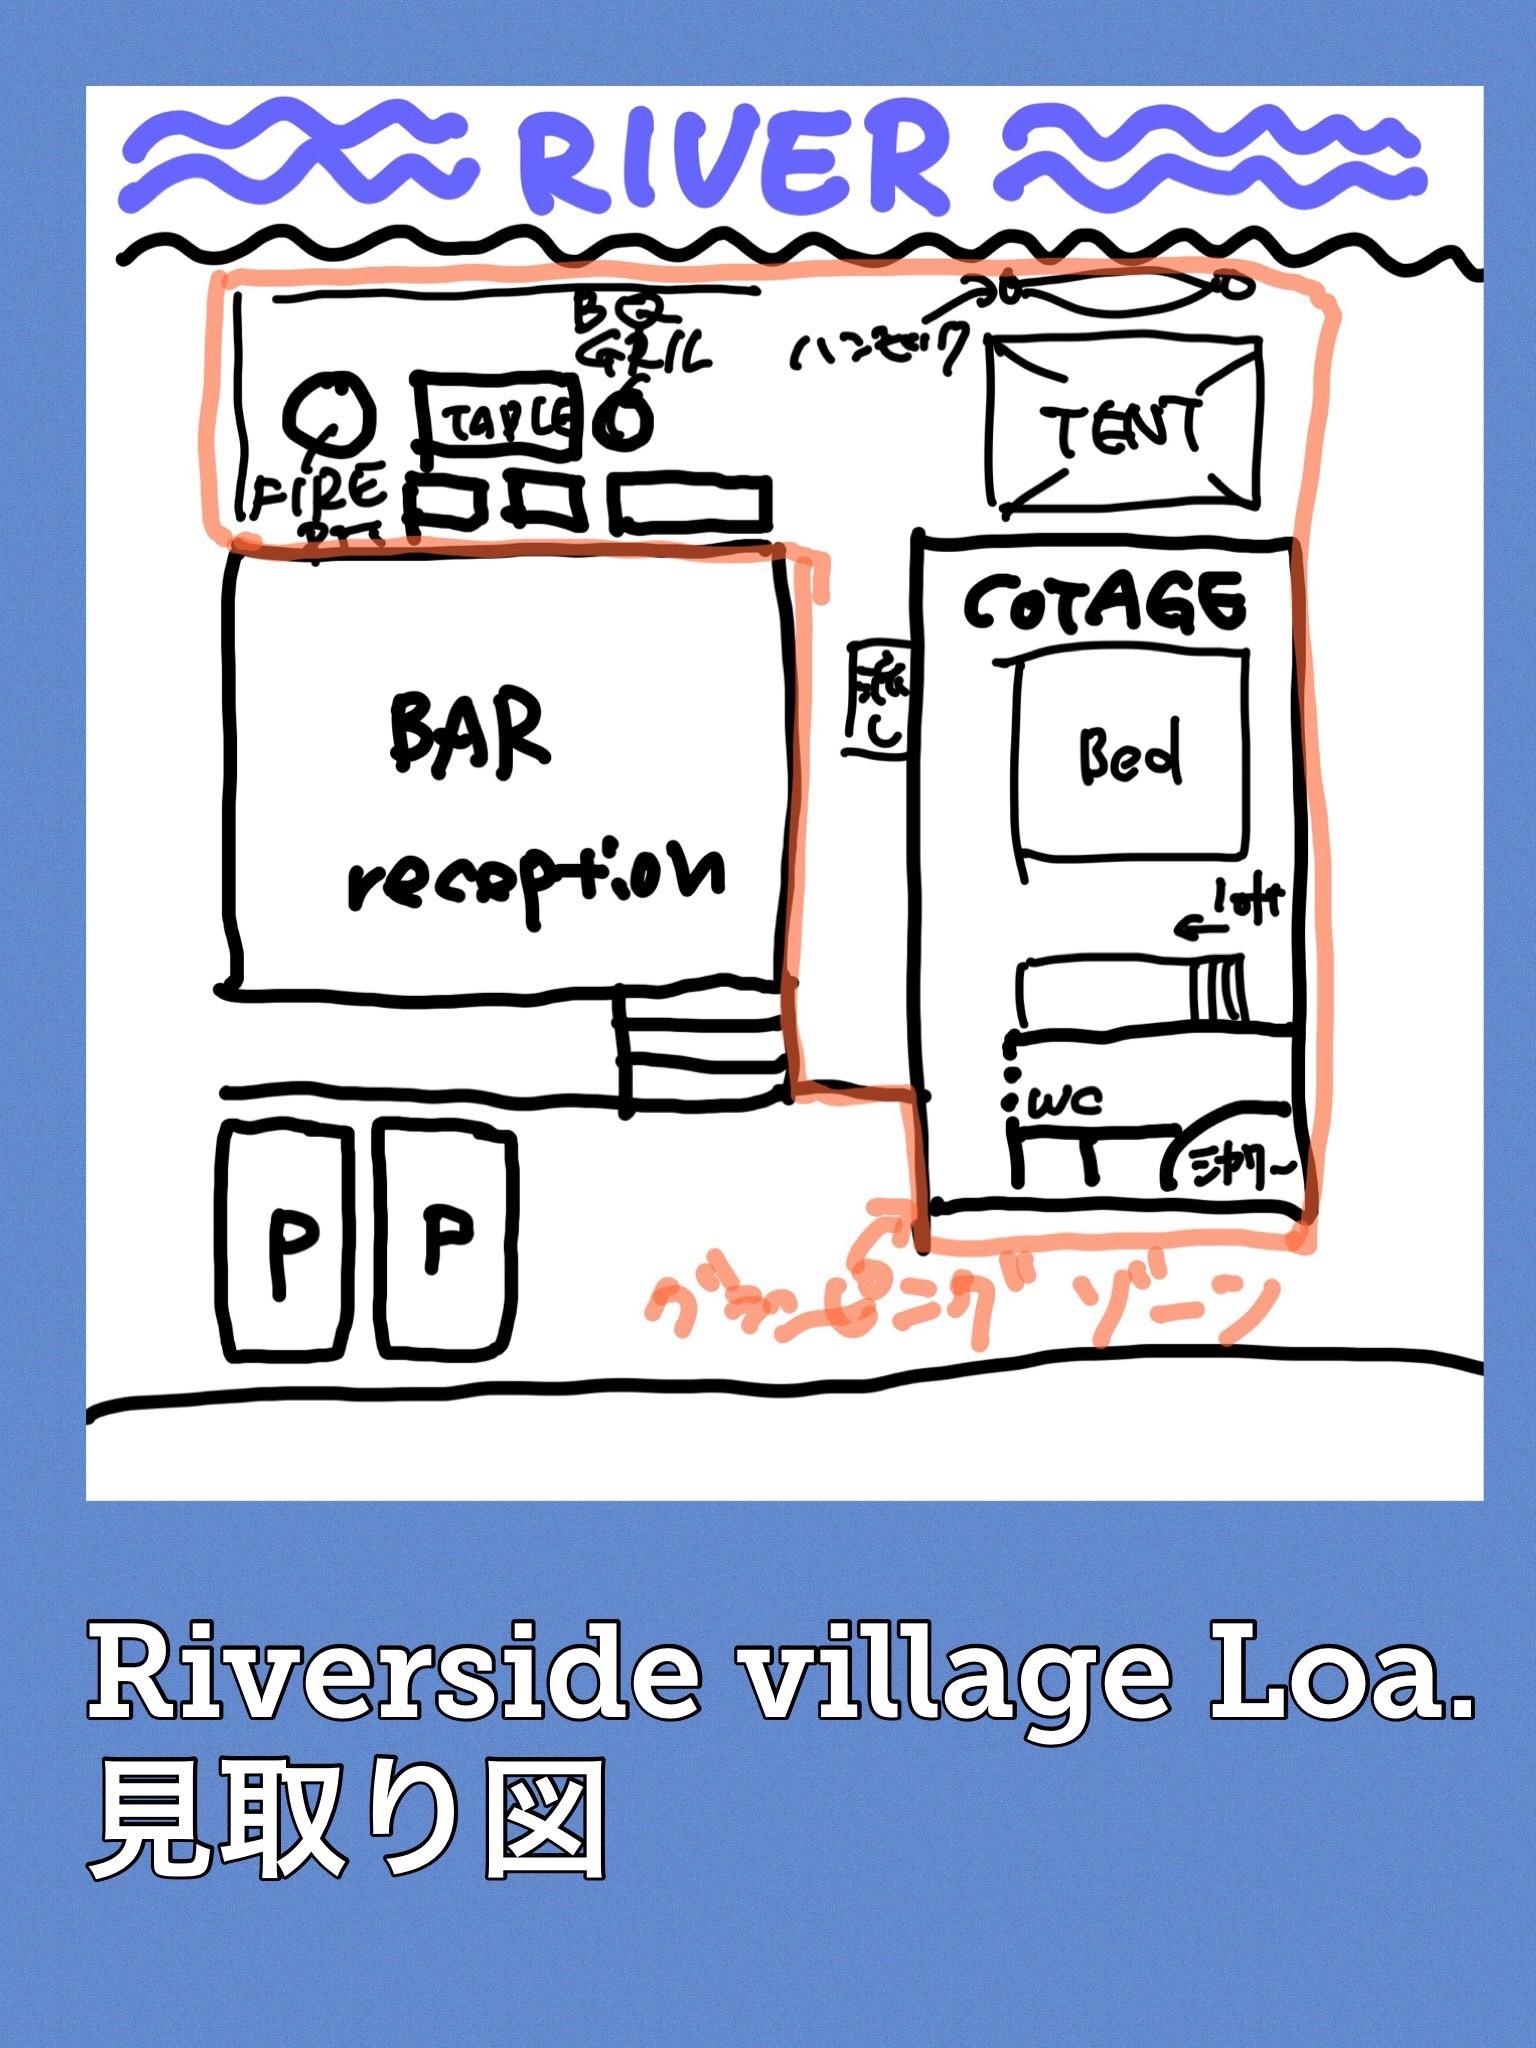 九十九里 千葉リバーサイド ヴィレッジ ロア river side village loa グランピング